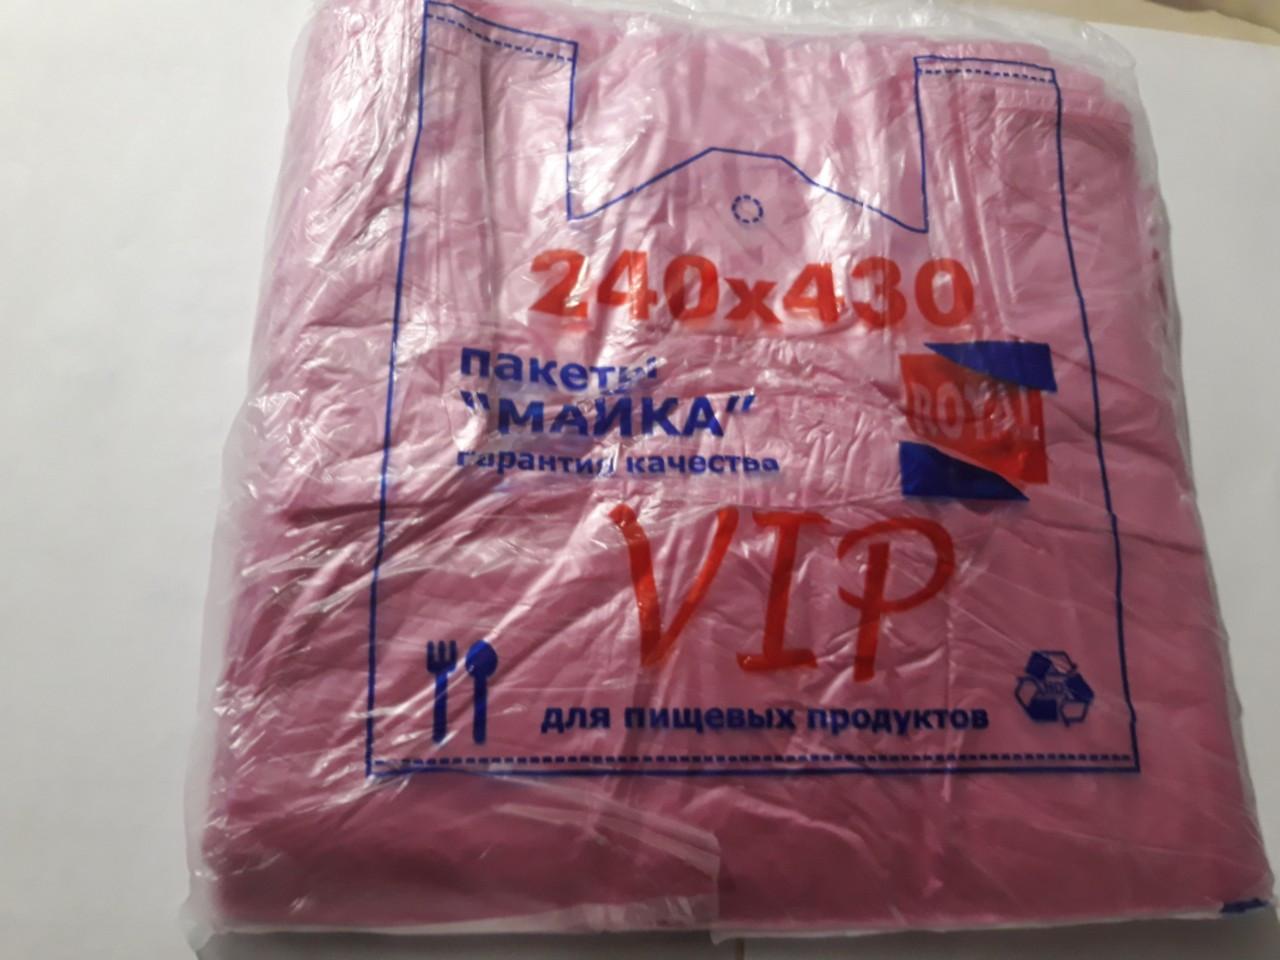 Пакет полиэтиленовый Майка VIP 240*430 мм облегченный 200 шт/упаковка